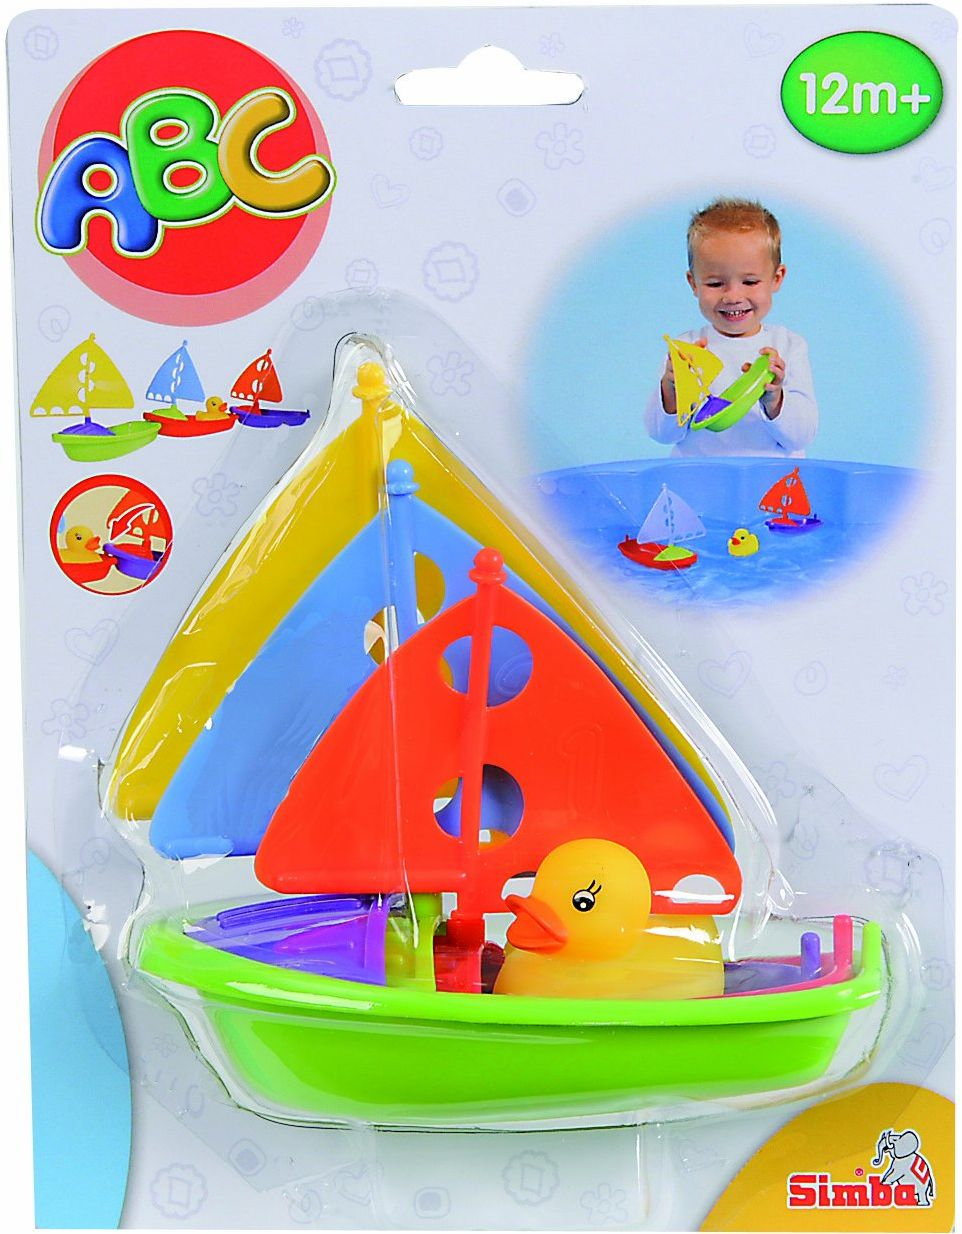 Simba 104012731 - ABC łódki żaglowe, 3 szt. w opakowaniu z kaczką